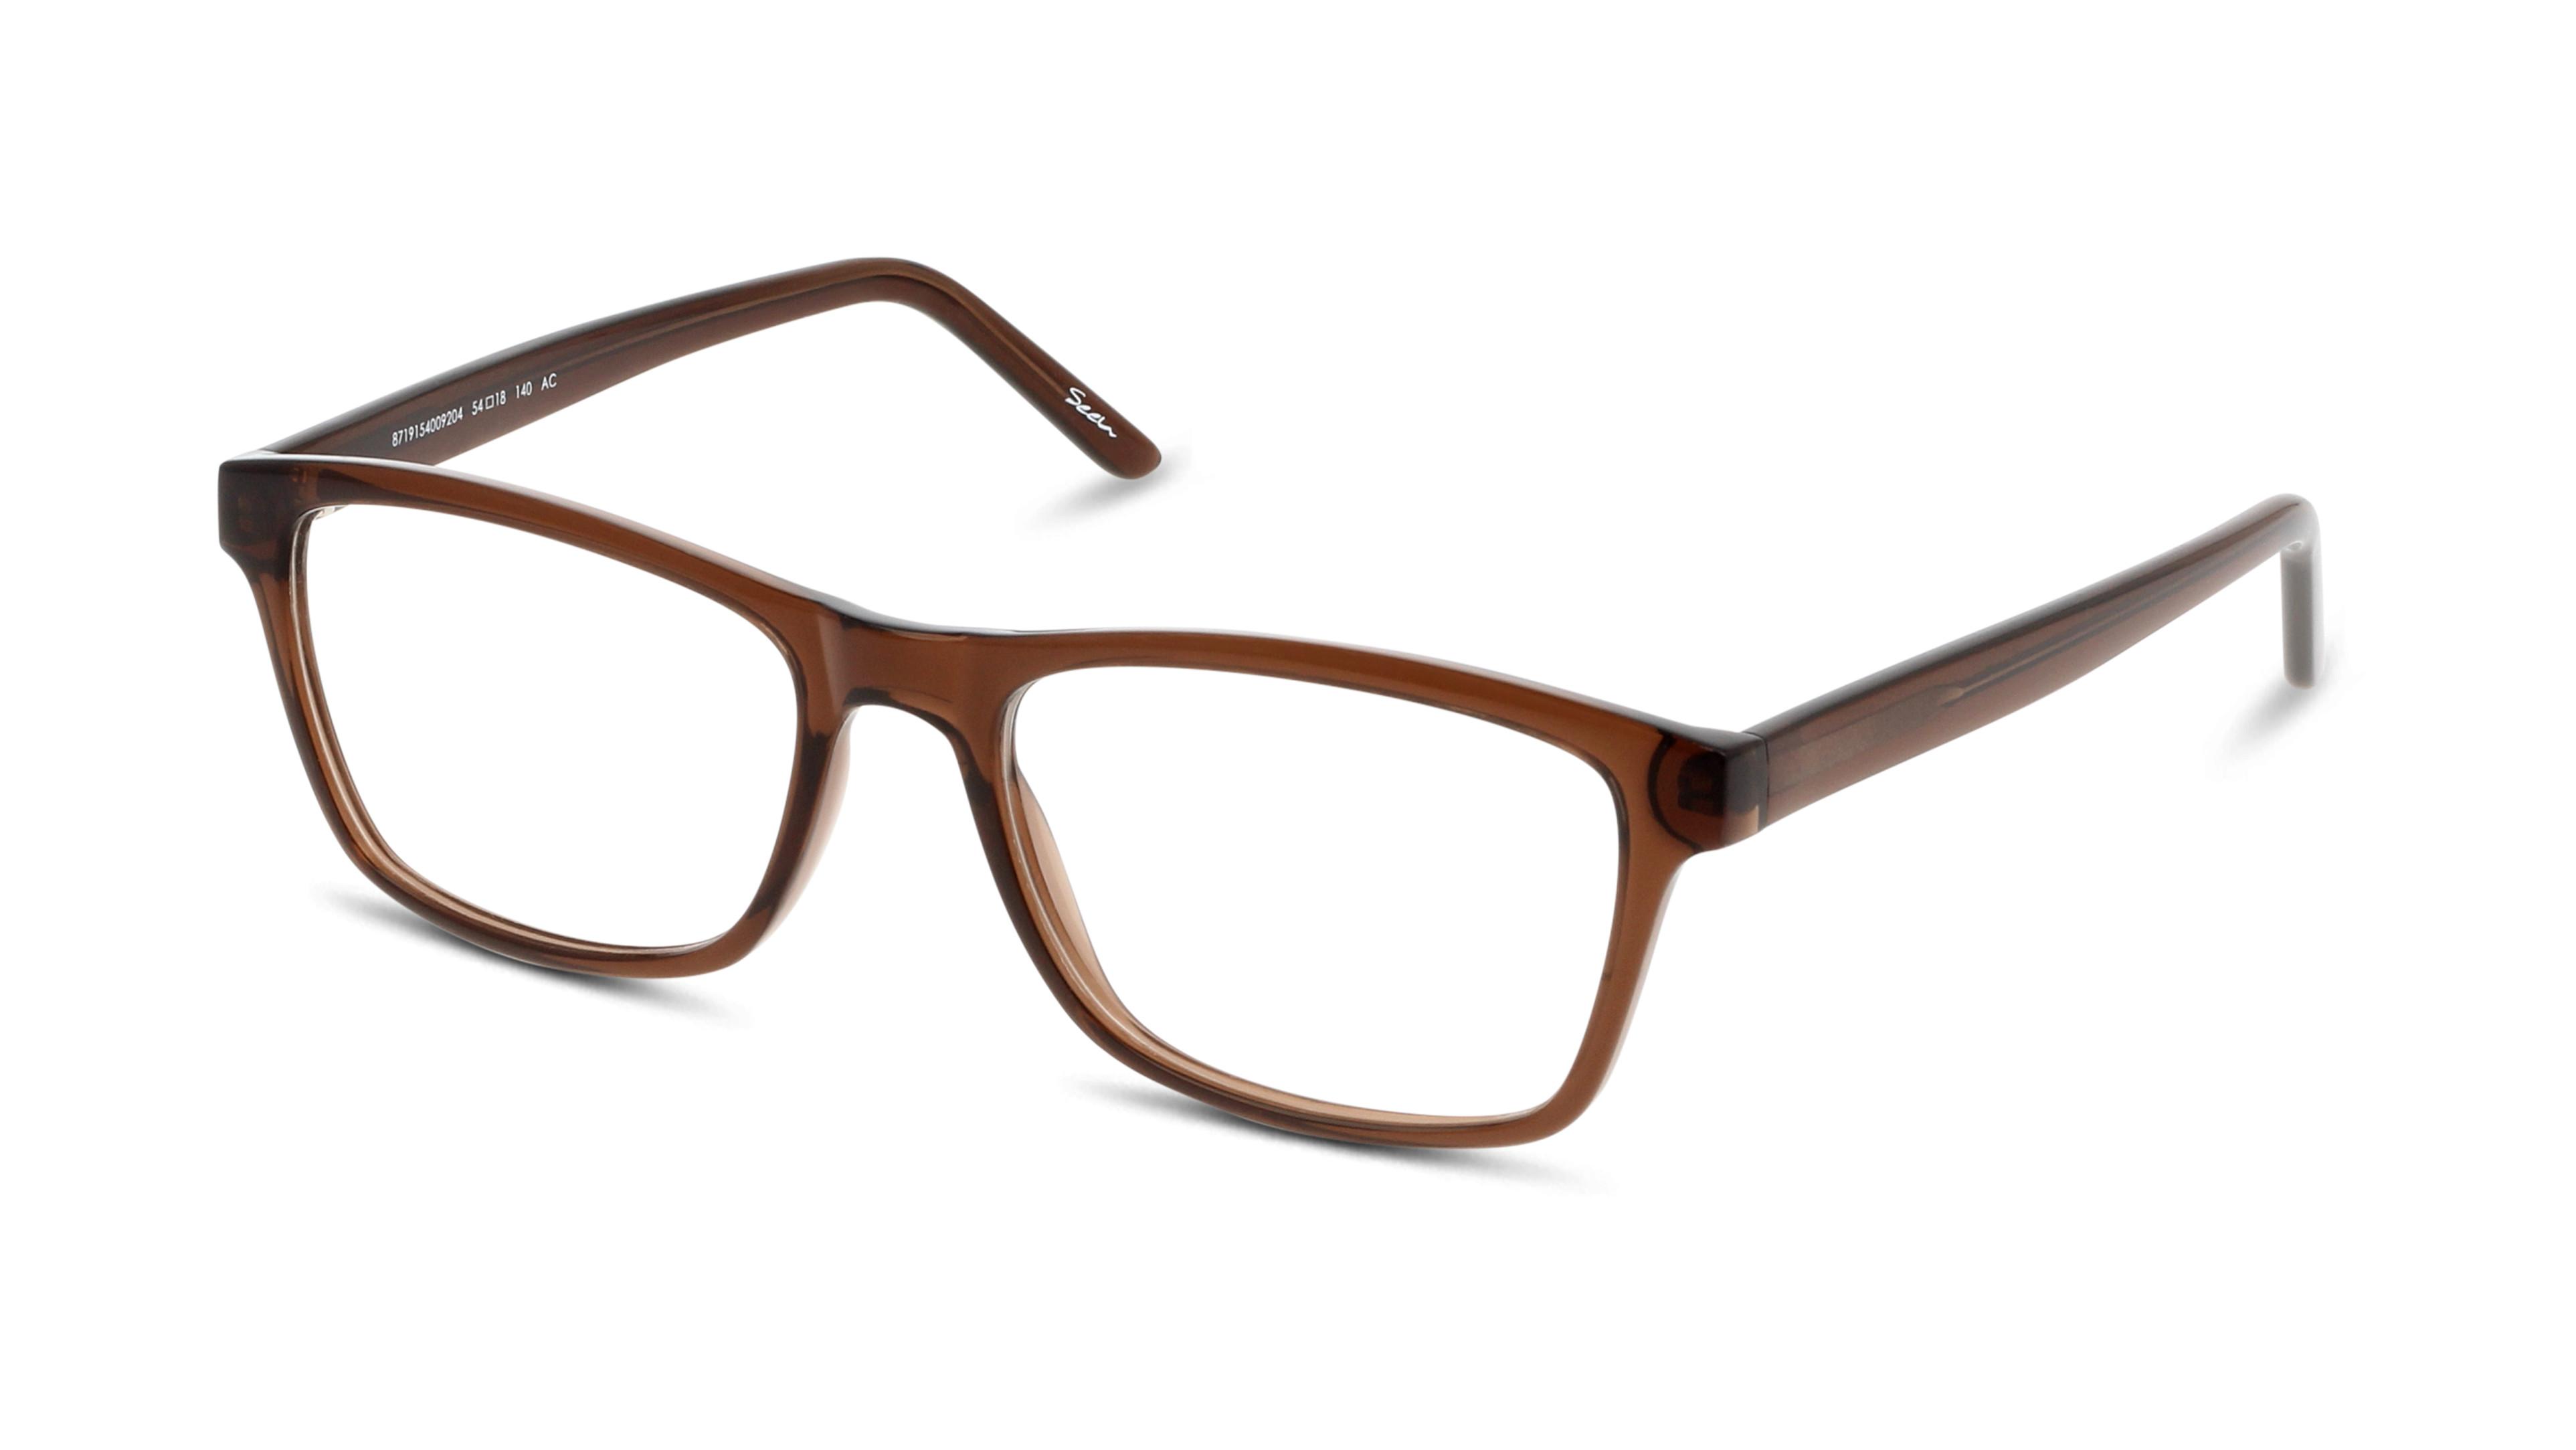 8719154596025-angle-01-seen-sncm11-eyewear-brown-brown